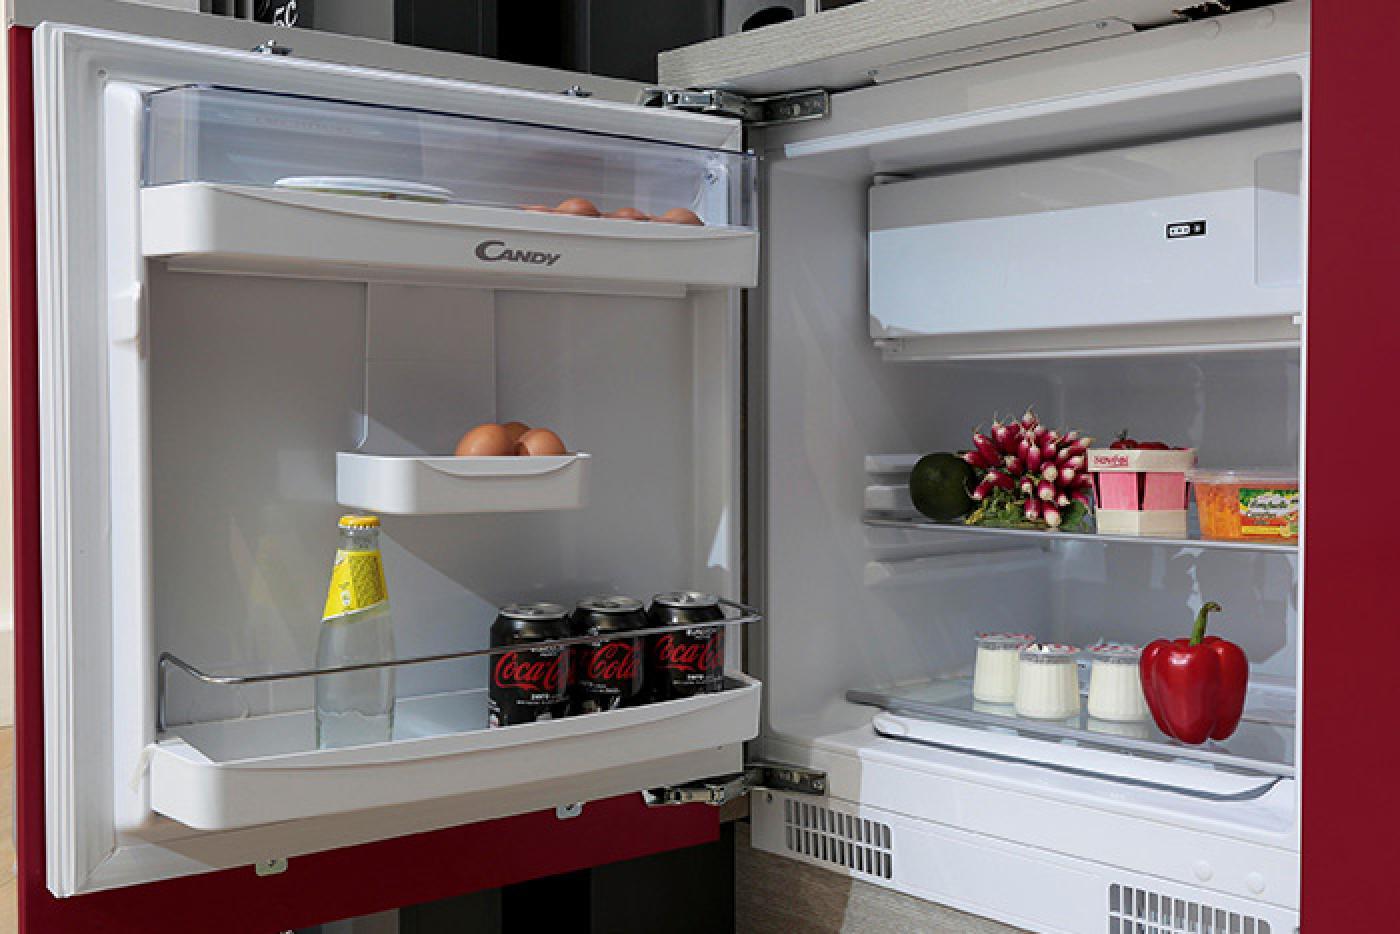 Cuisine équipée réfrigérateur